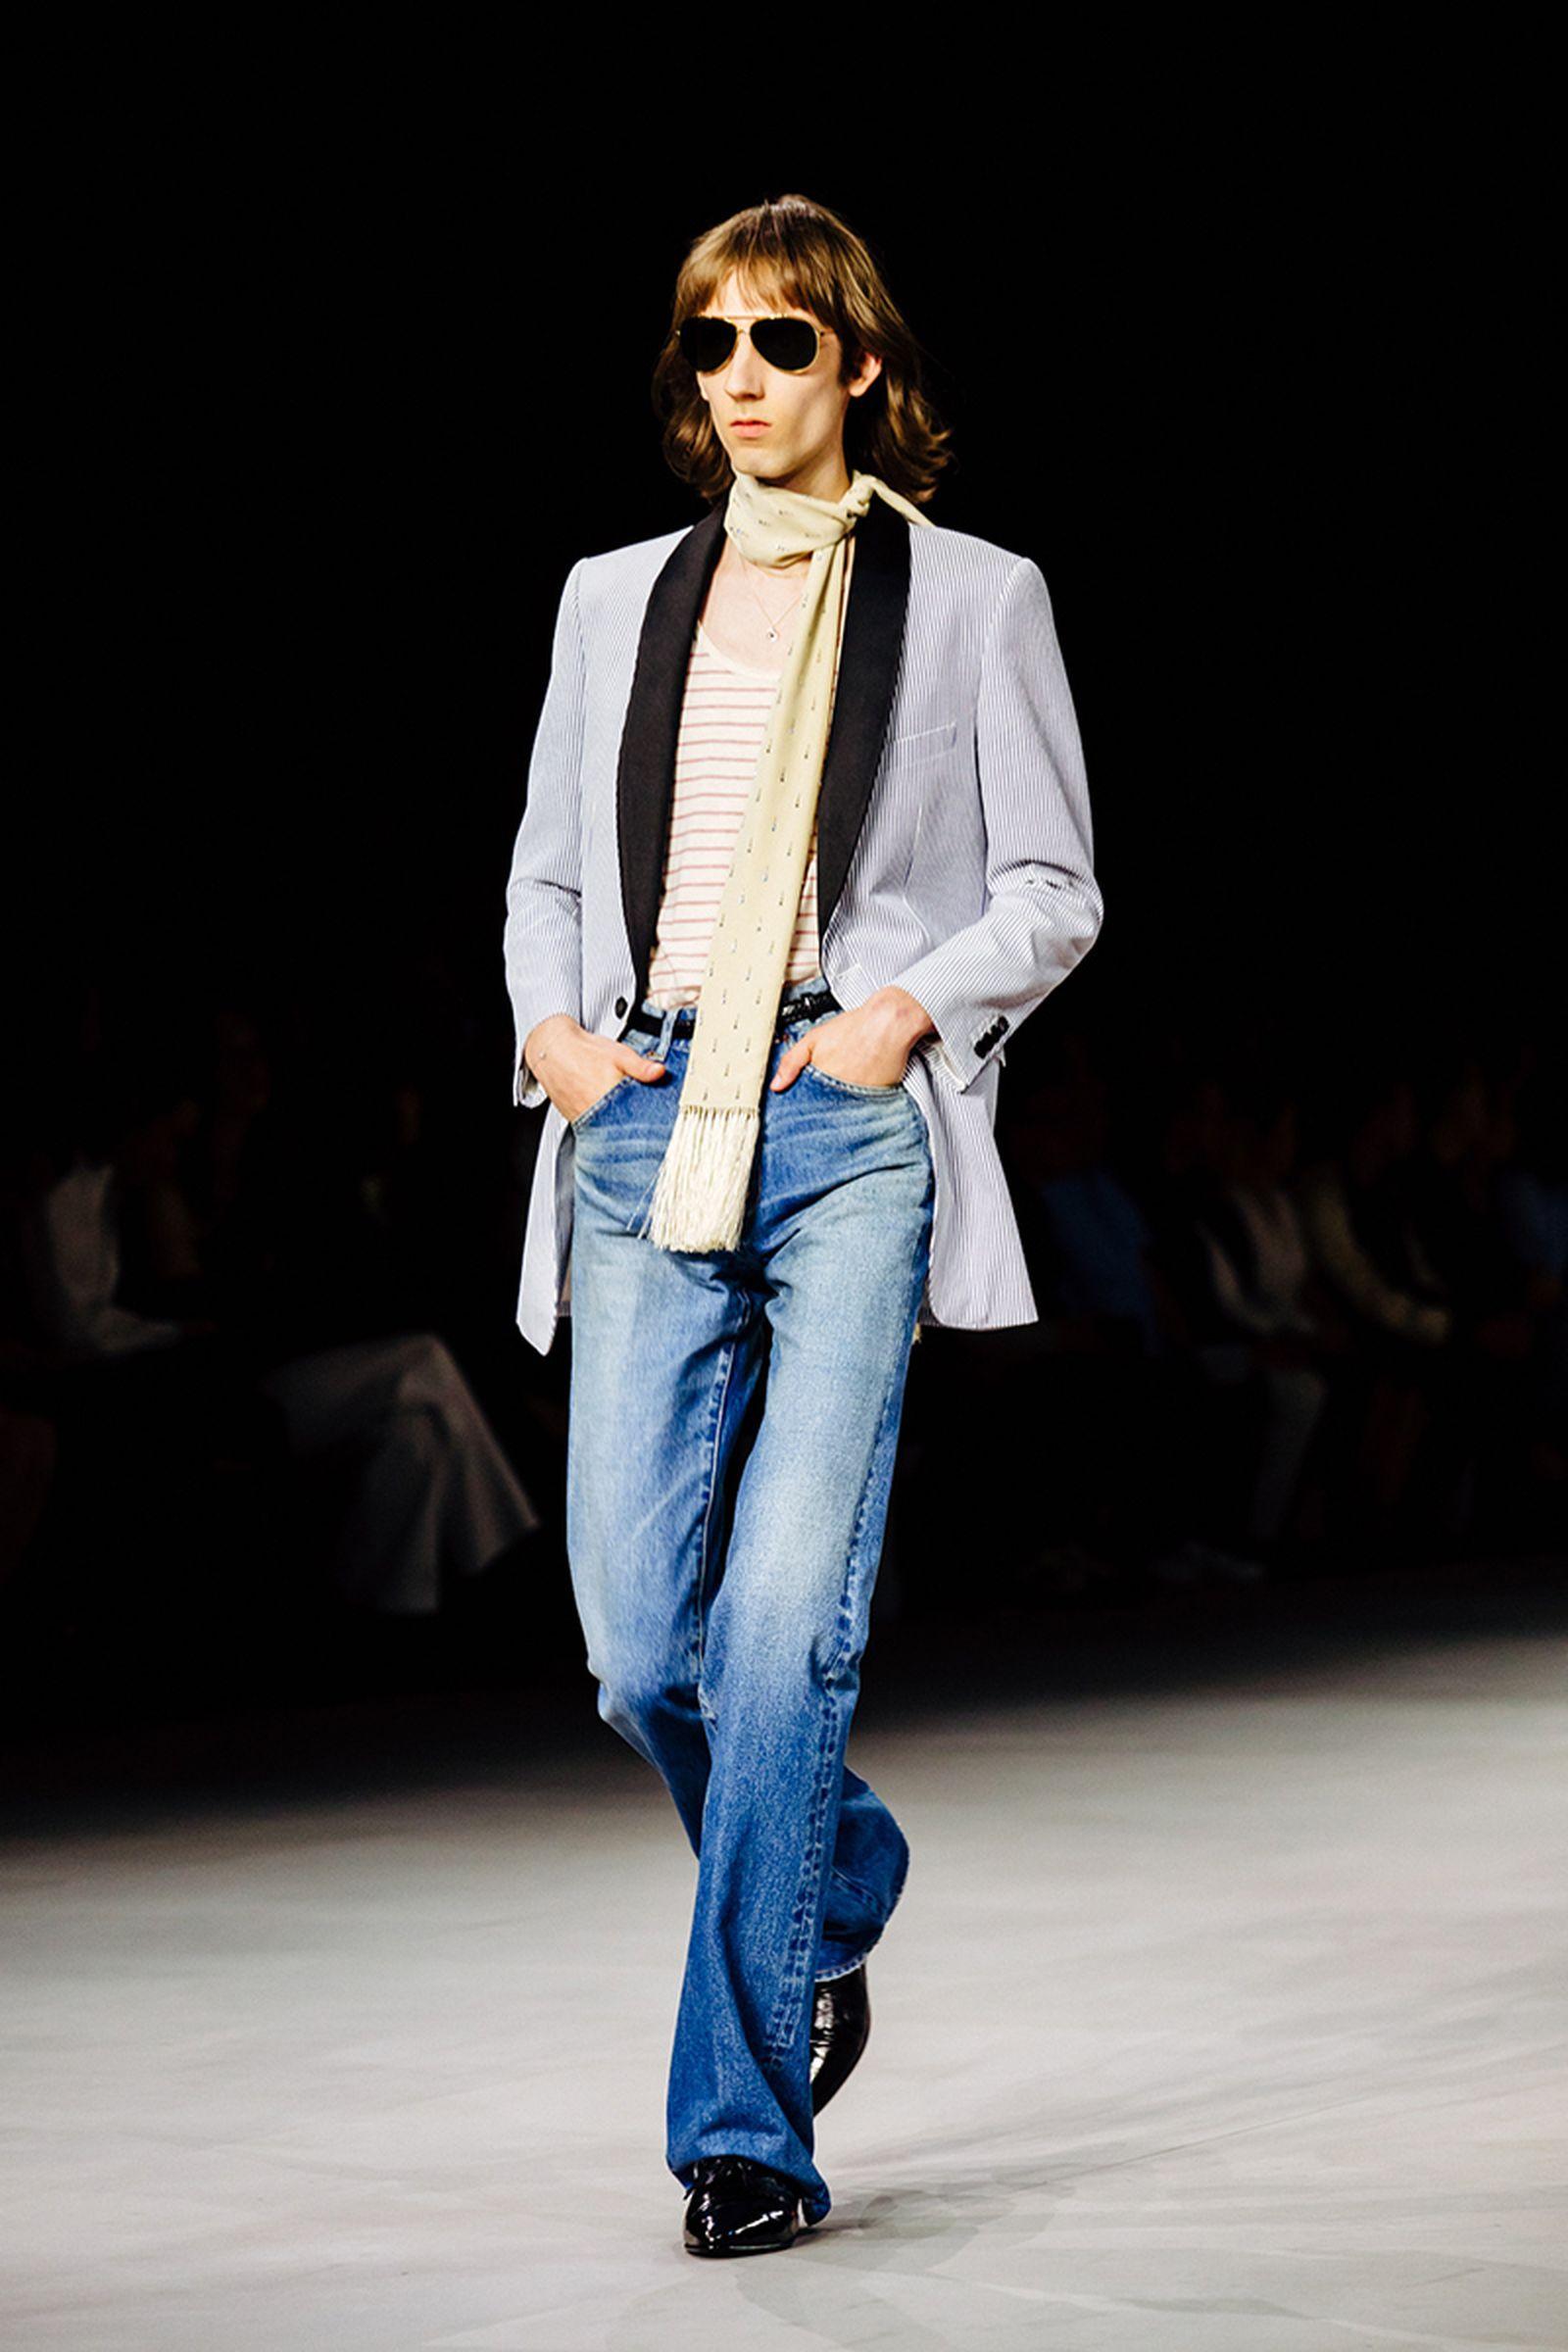 bootcut jeans Balenciaga Jacqeumus Levi's